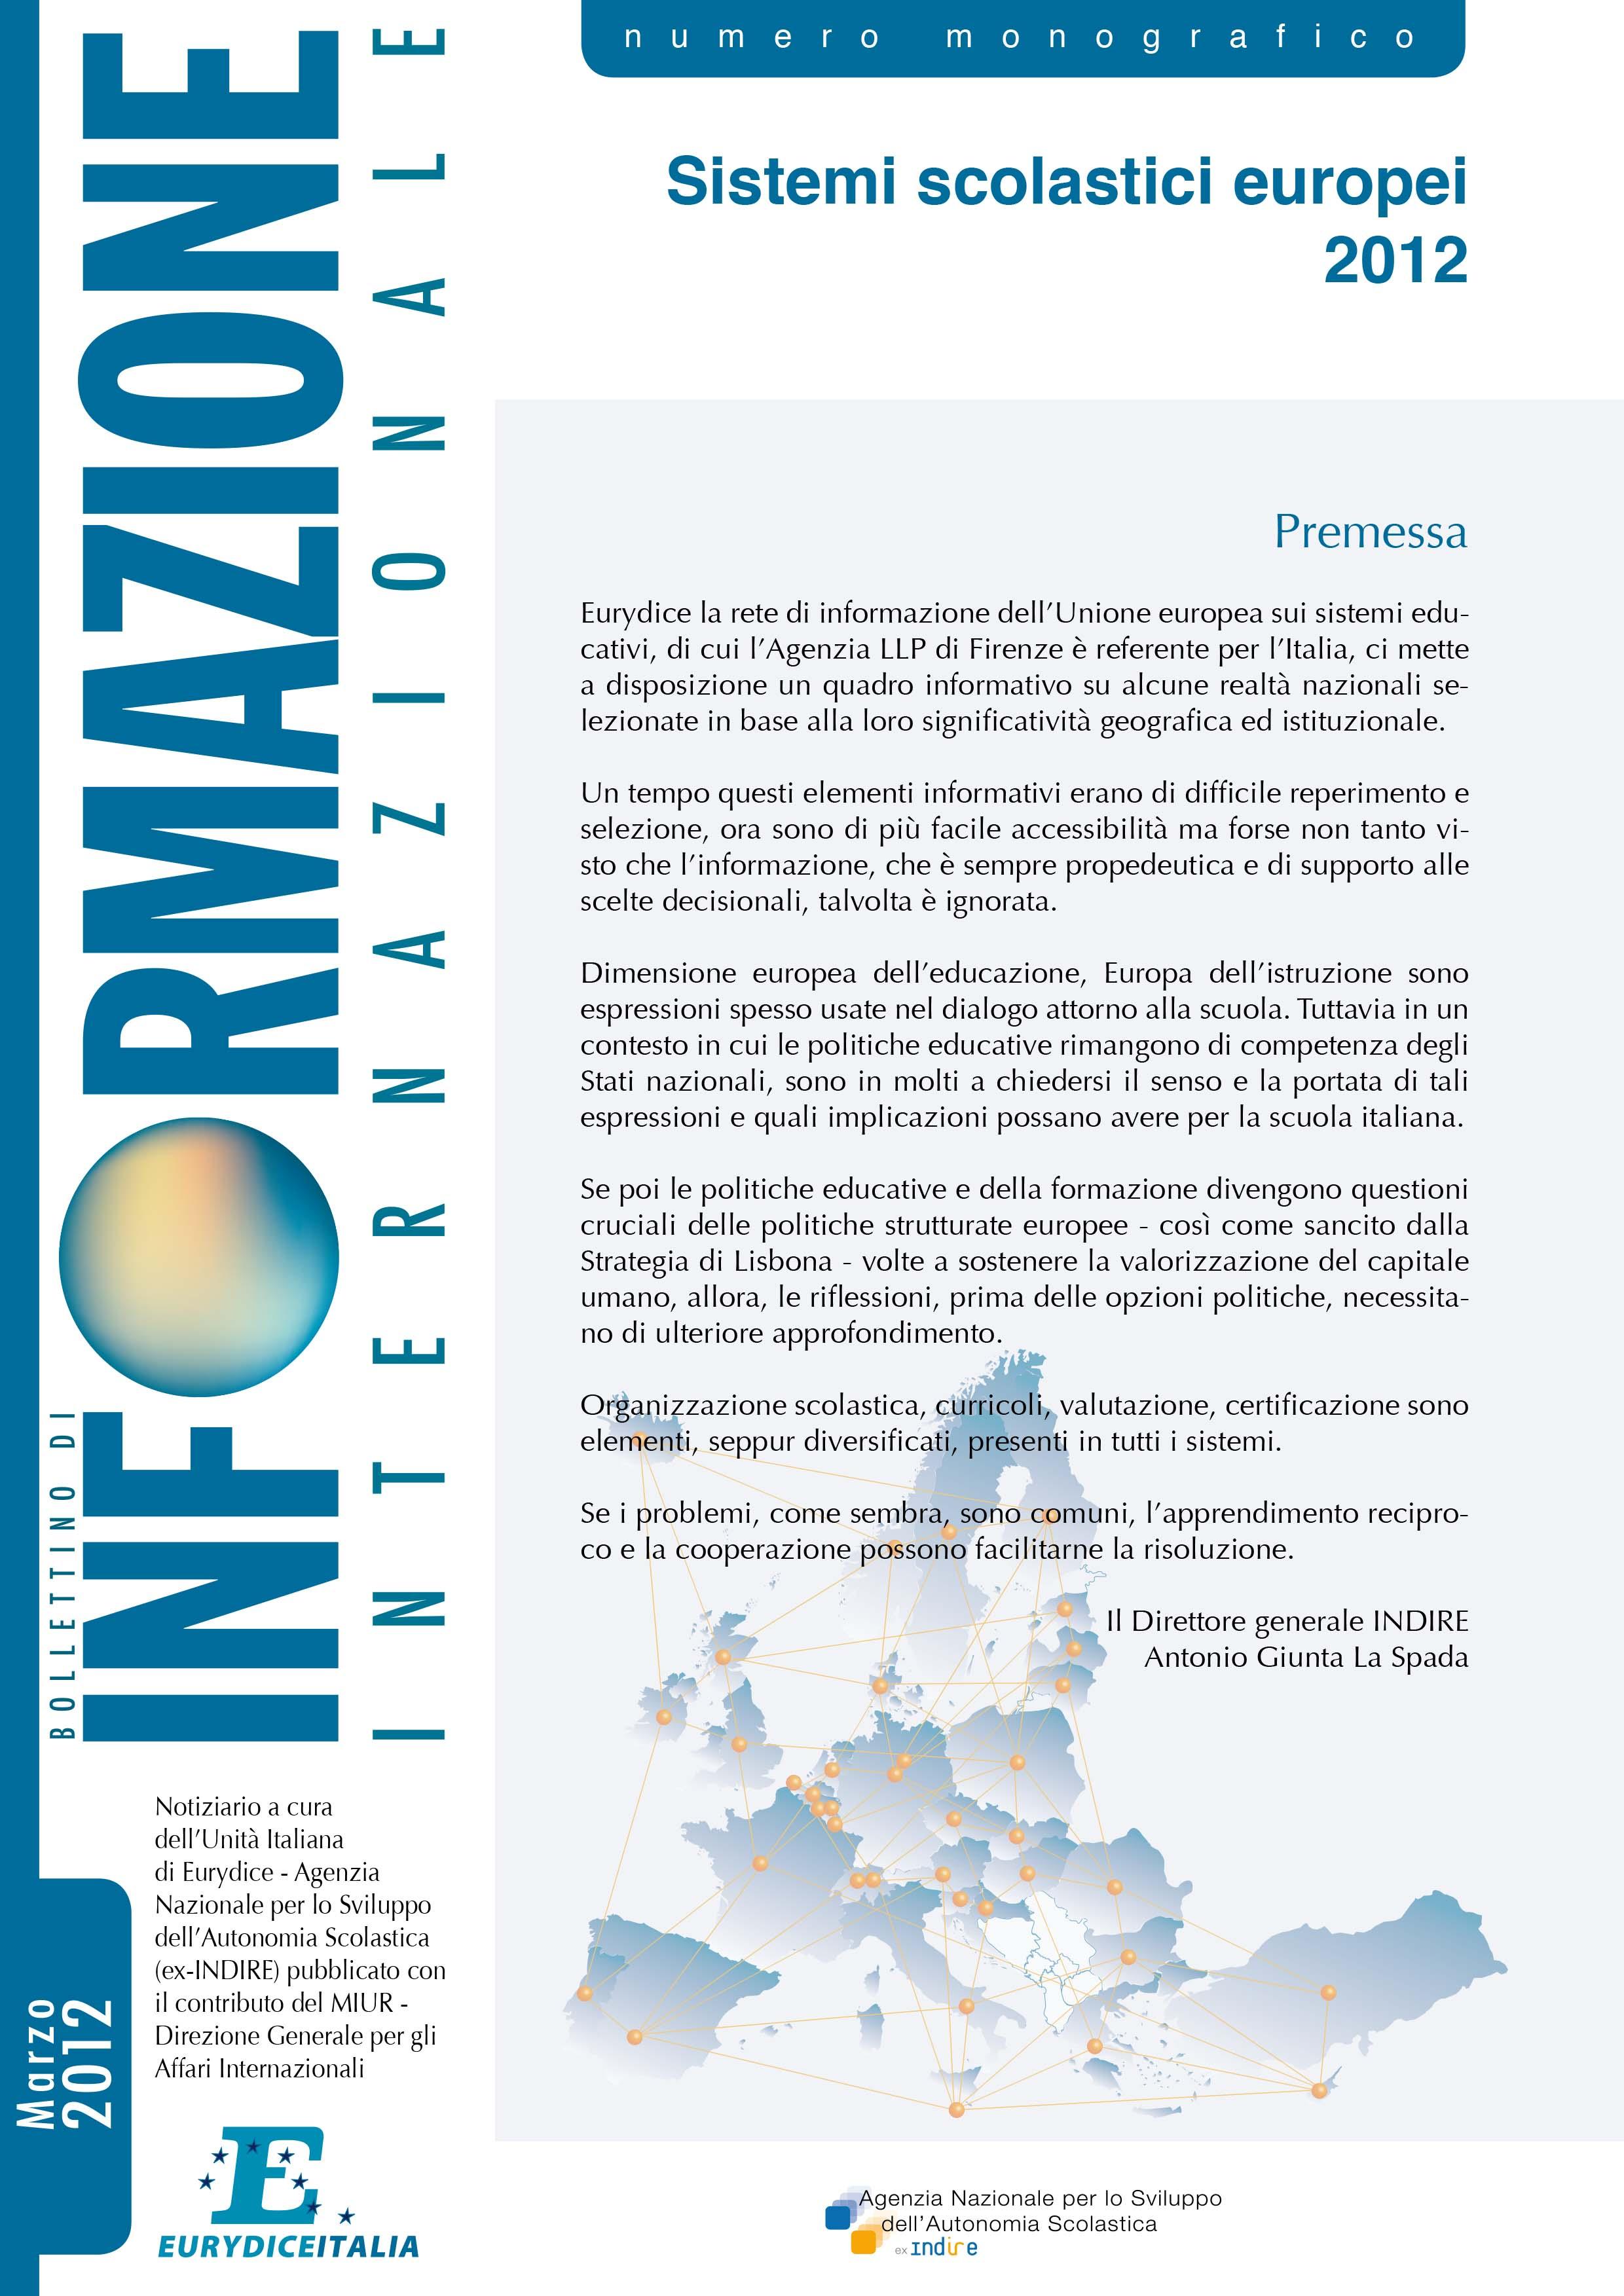 copertina_bollettino_sistemi_2012